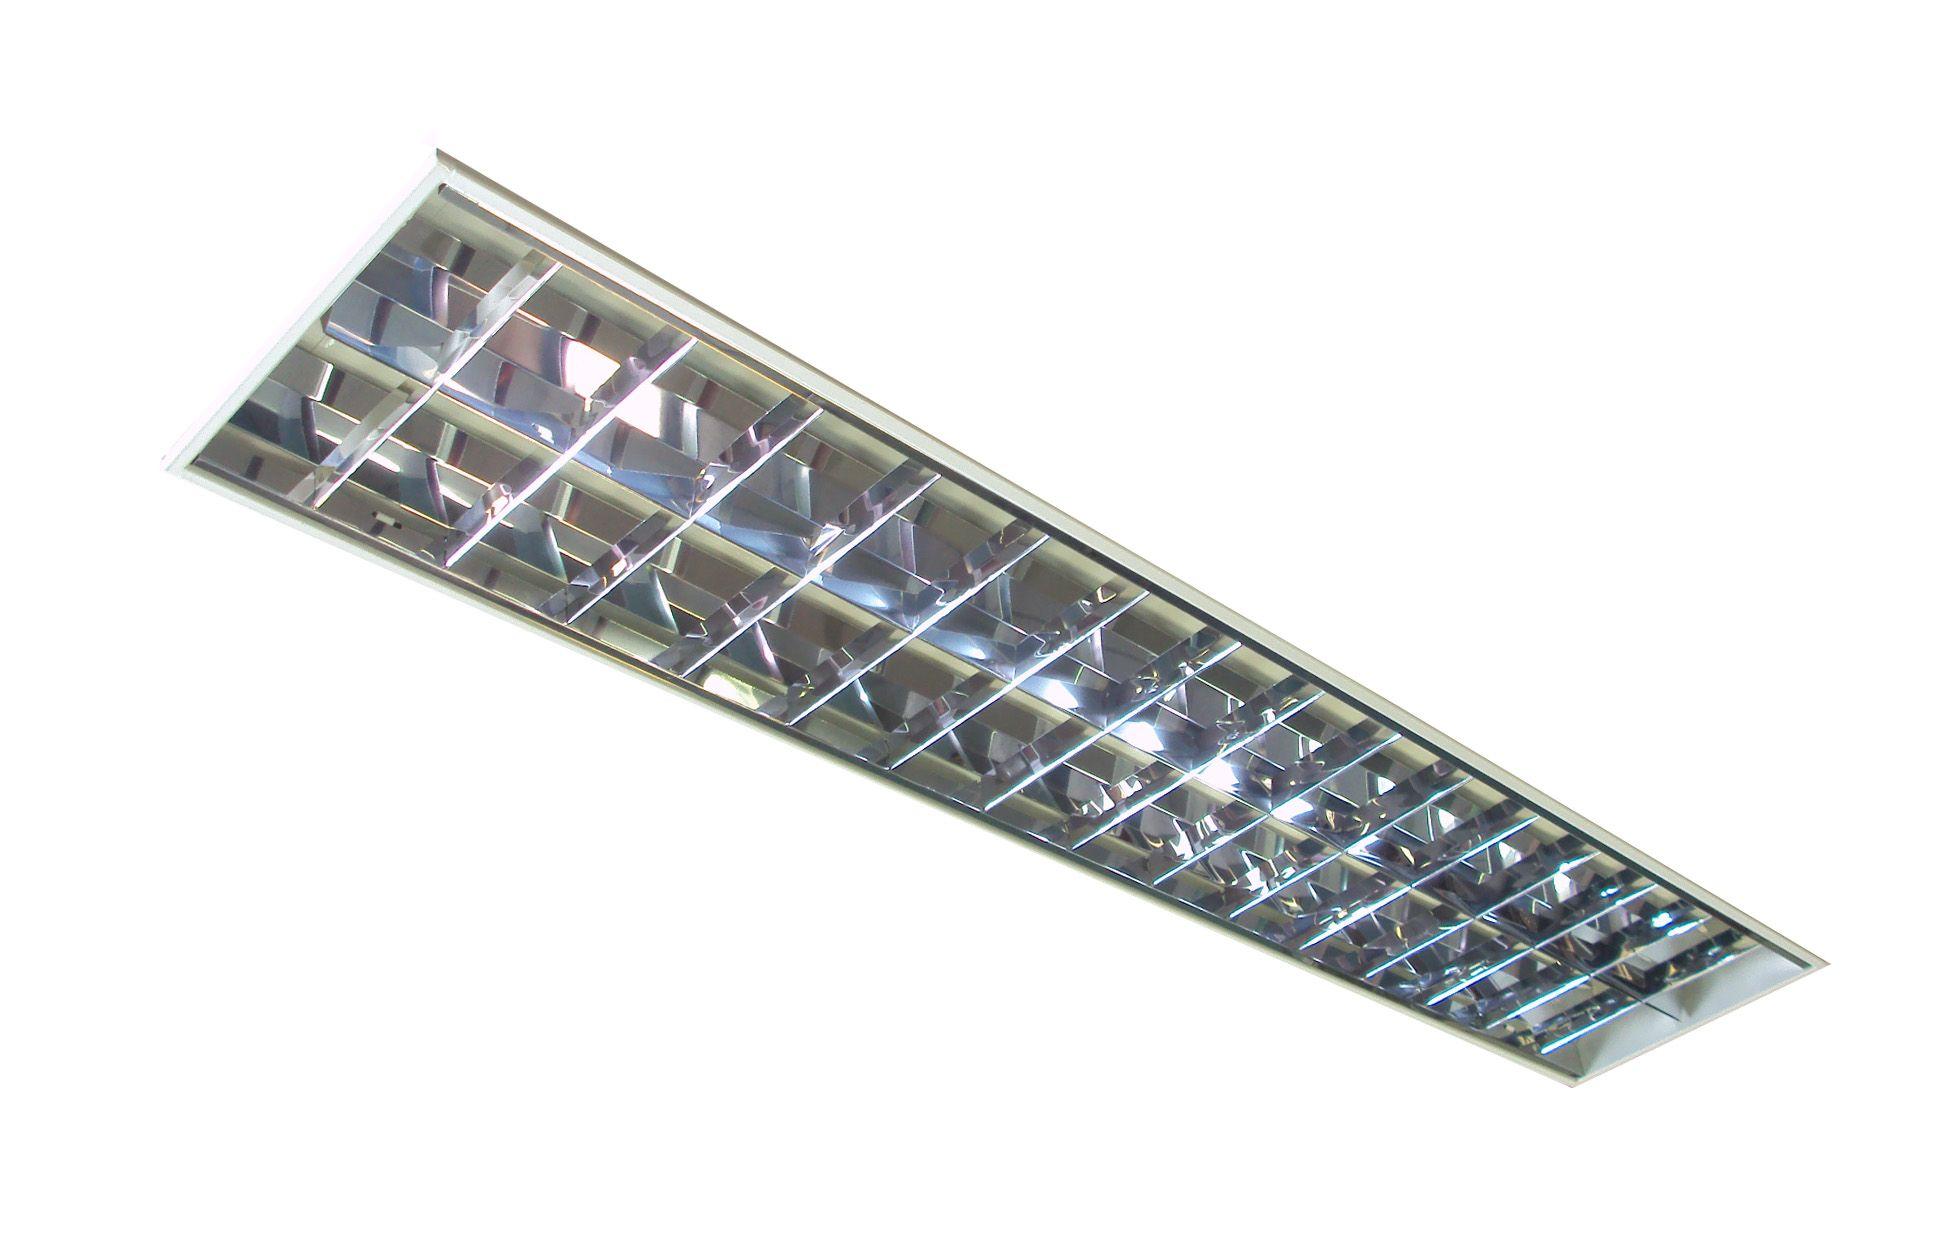 Luminária de Embutir para Forro Modular e Gesso 1242 x 244 x 60mm